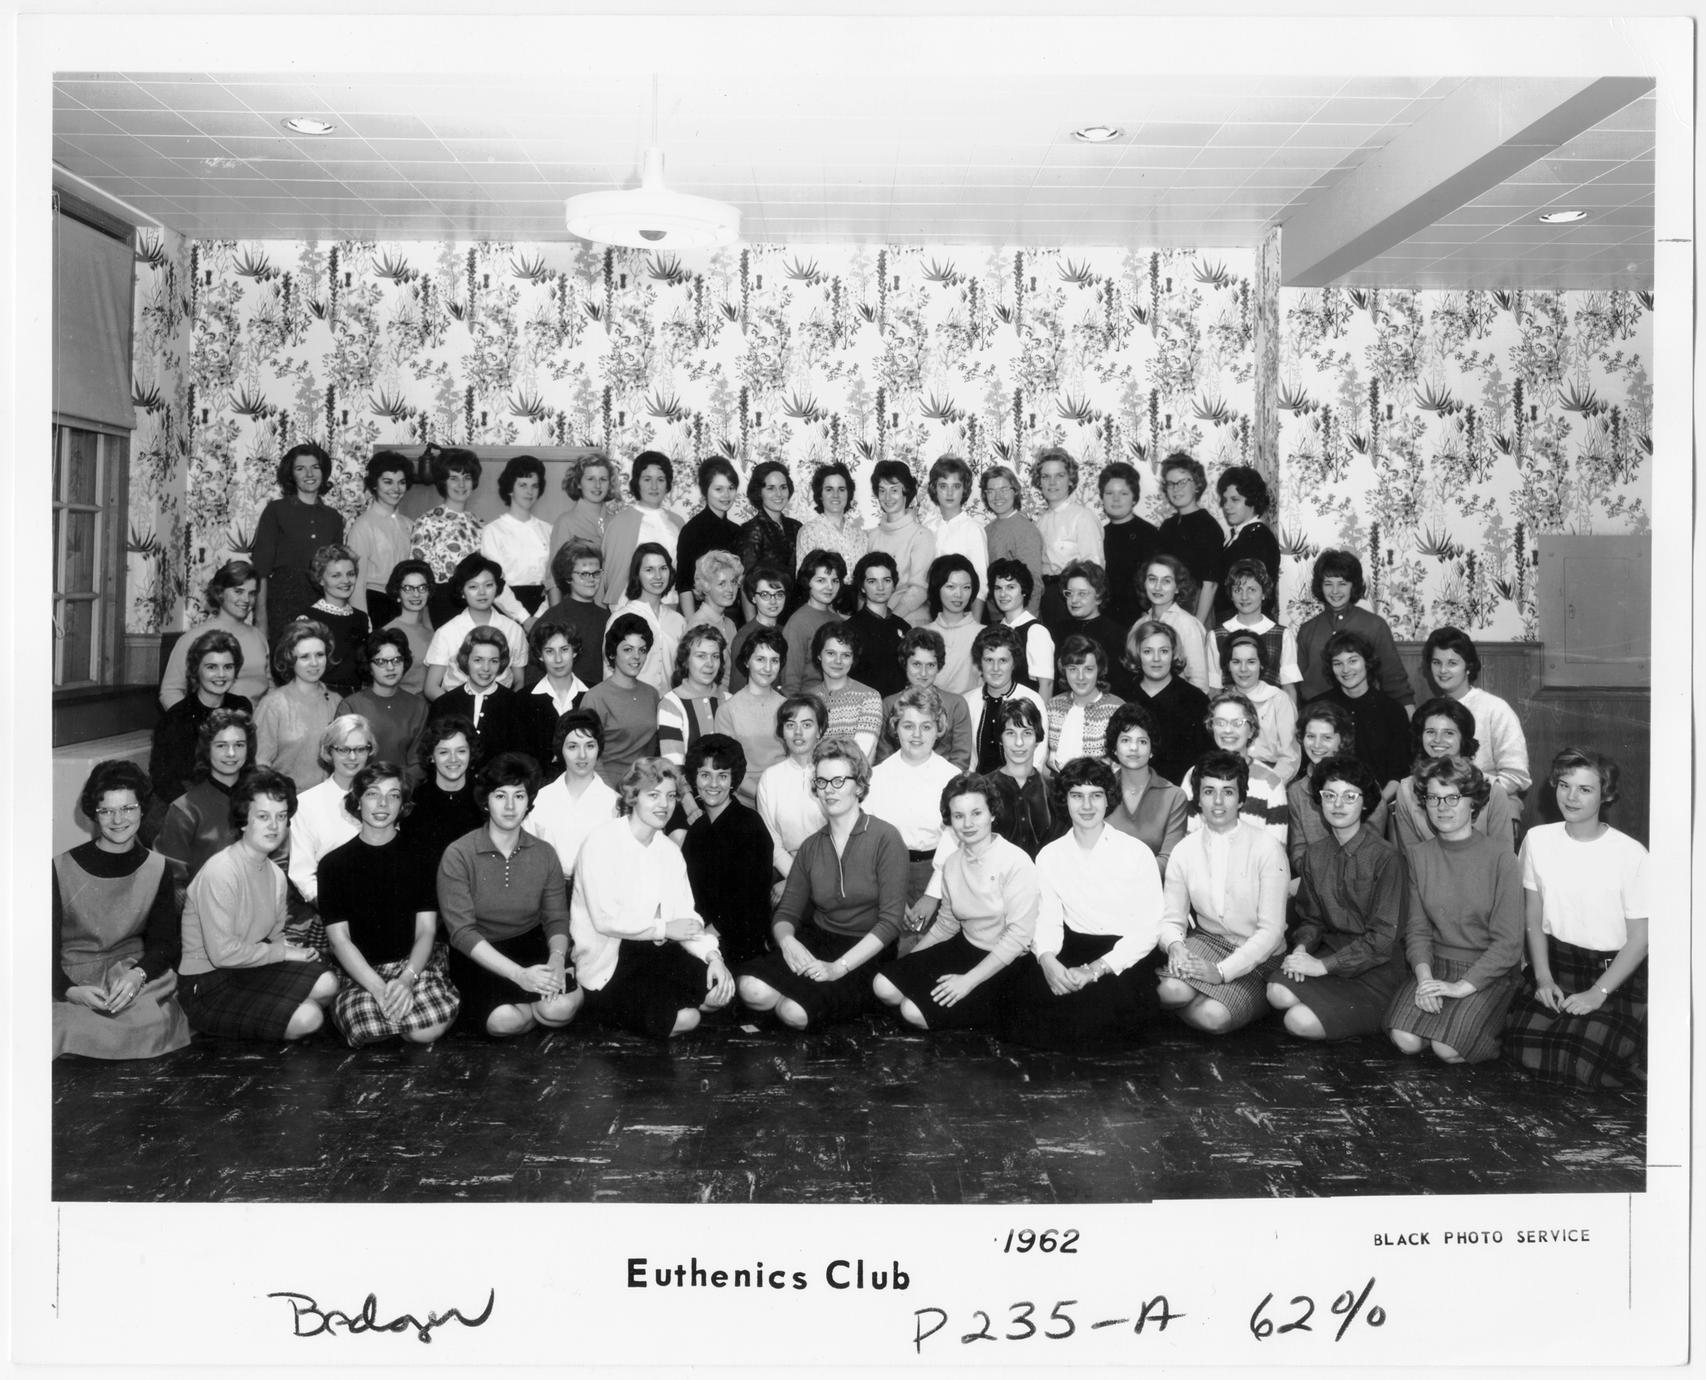 Euthenics Club